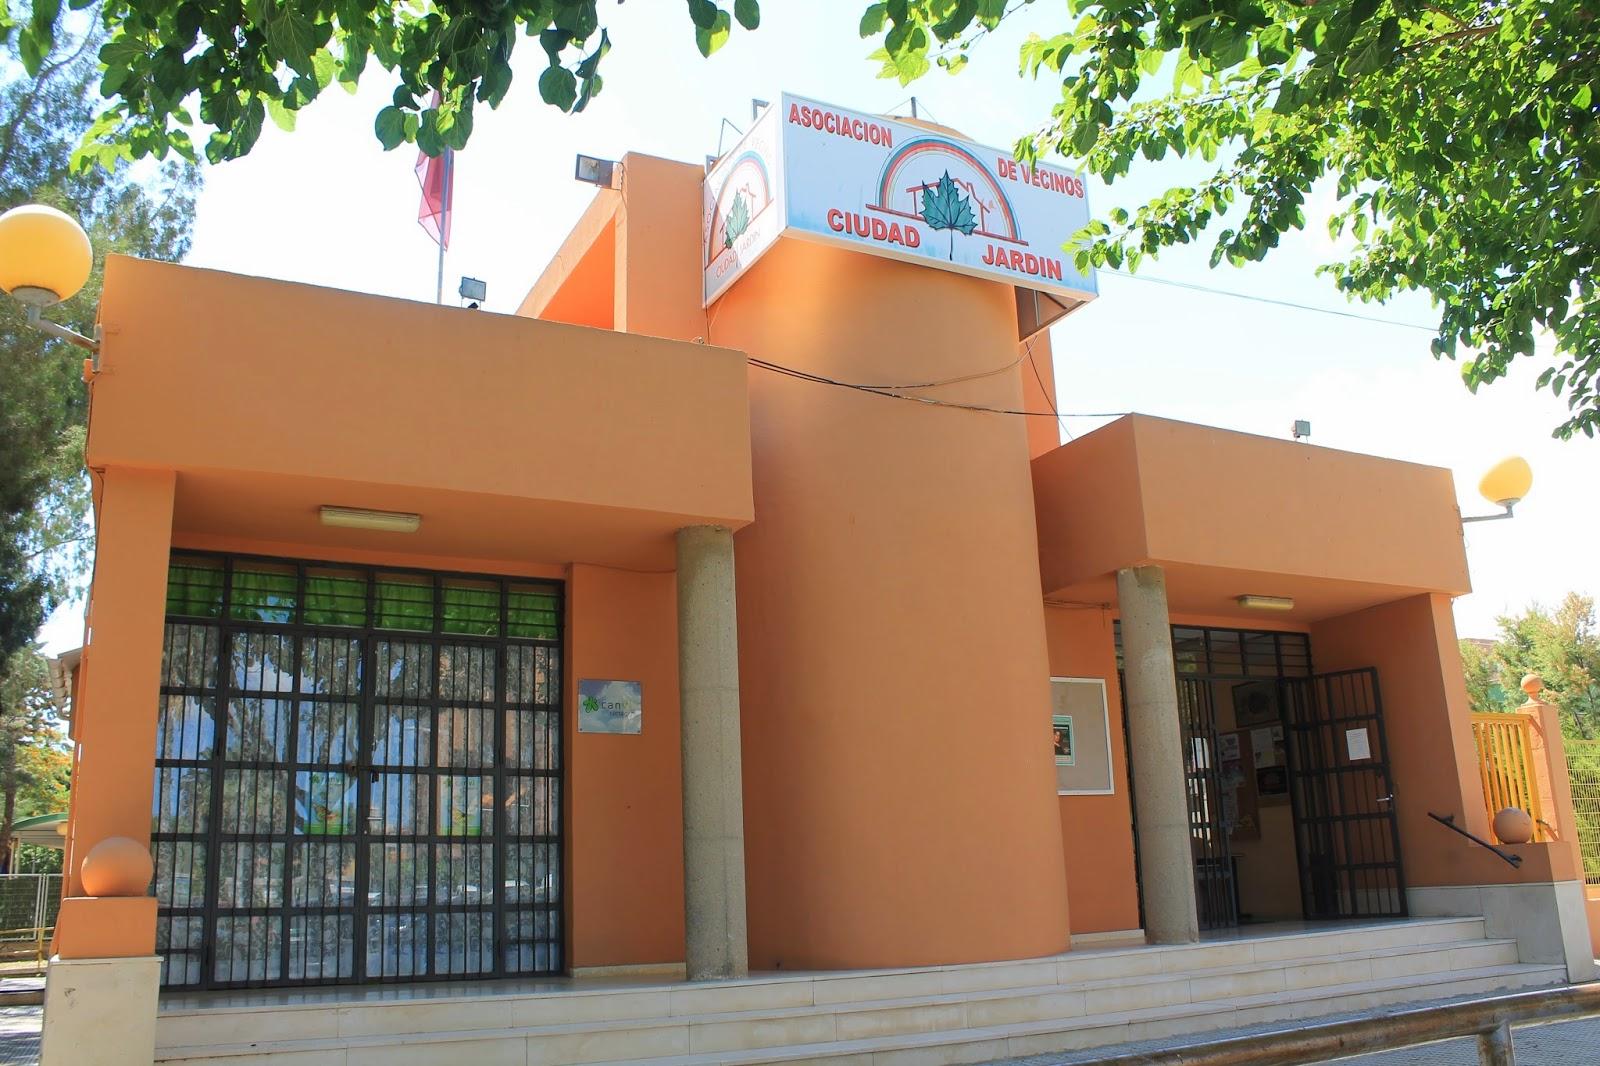 A diez minutos del centro 127 cartagena ciudad jard n for Centro de salud ciudad jardin